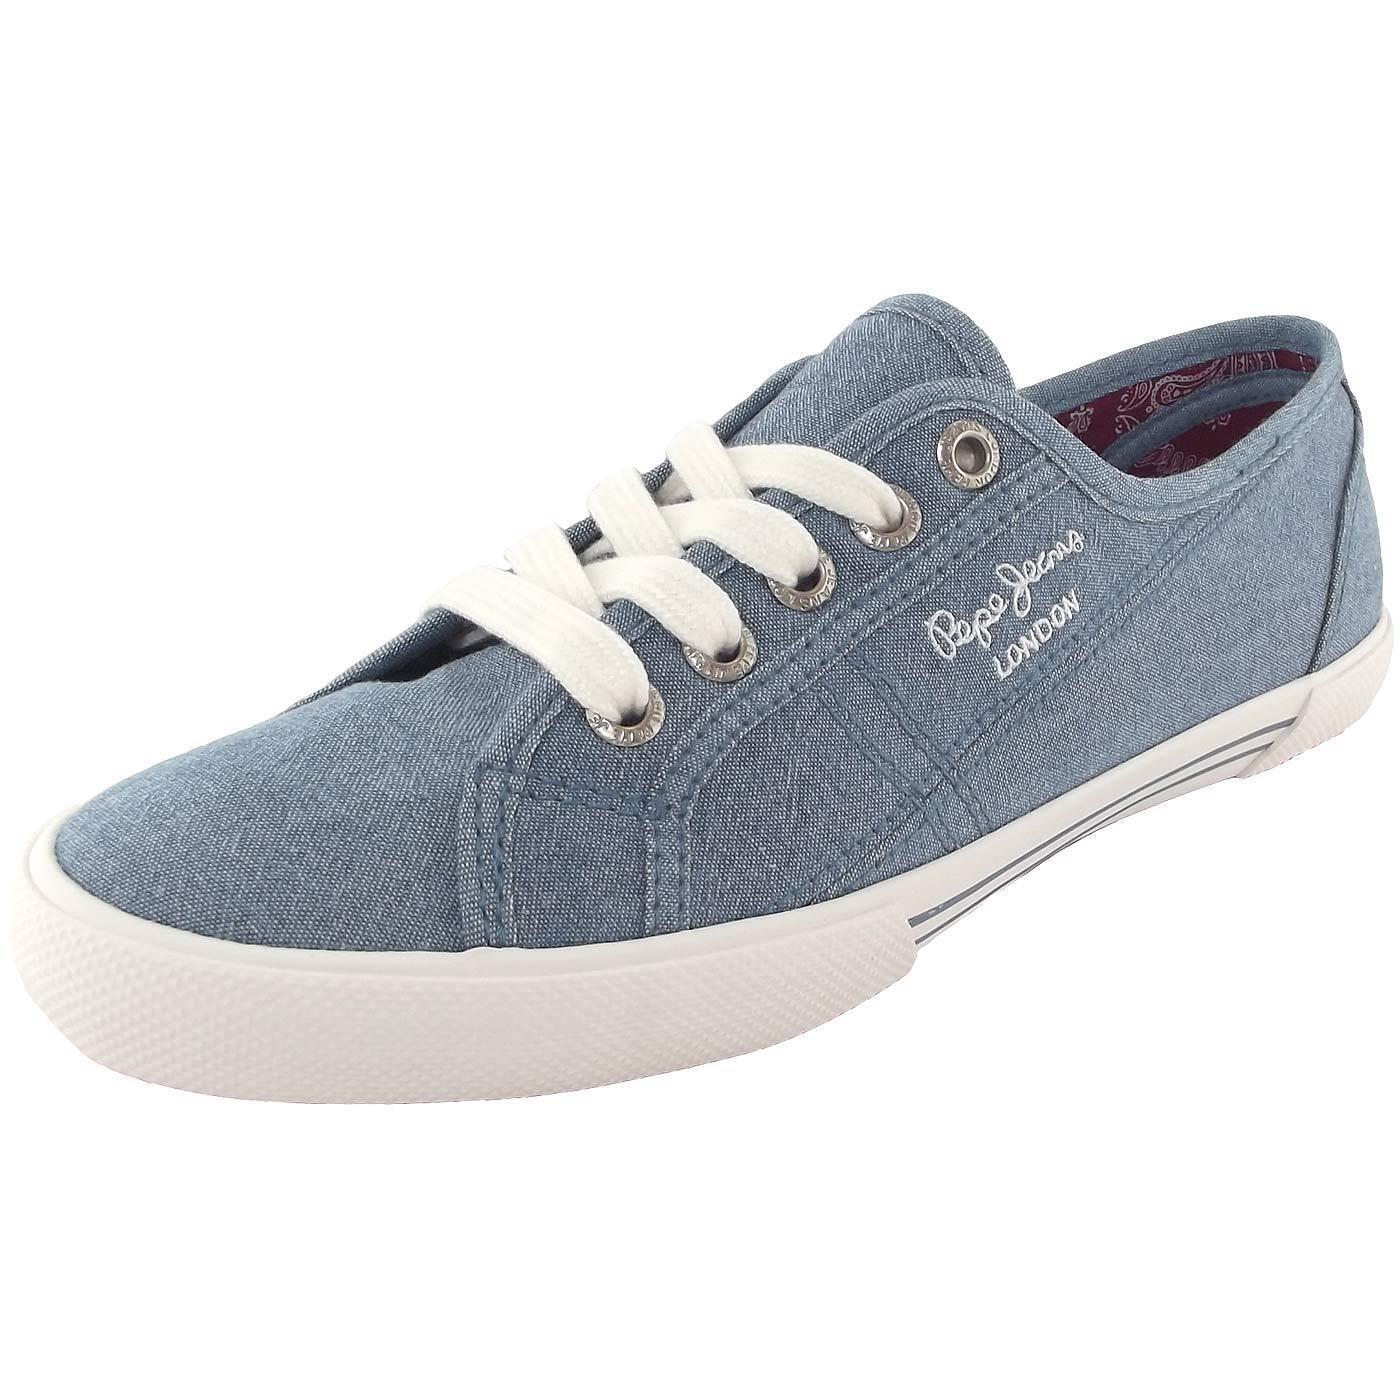 Pepe Jeans Aberlady Eighty mujer mujer mujer zapatillas hellazul (azzurro)  tienda de ventas outlet